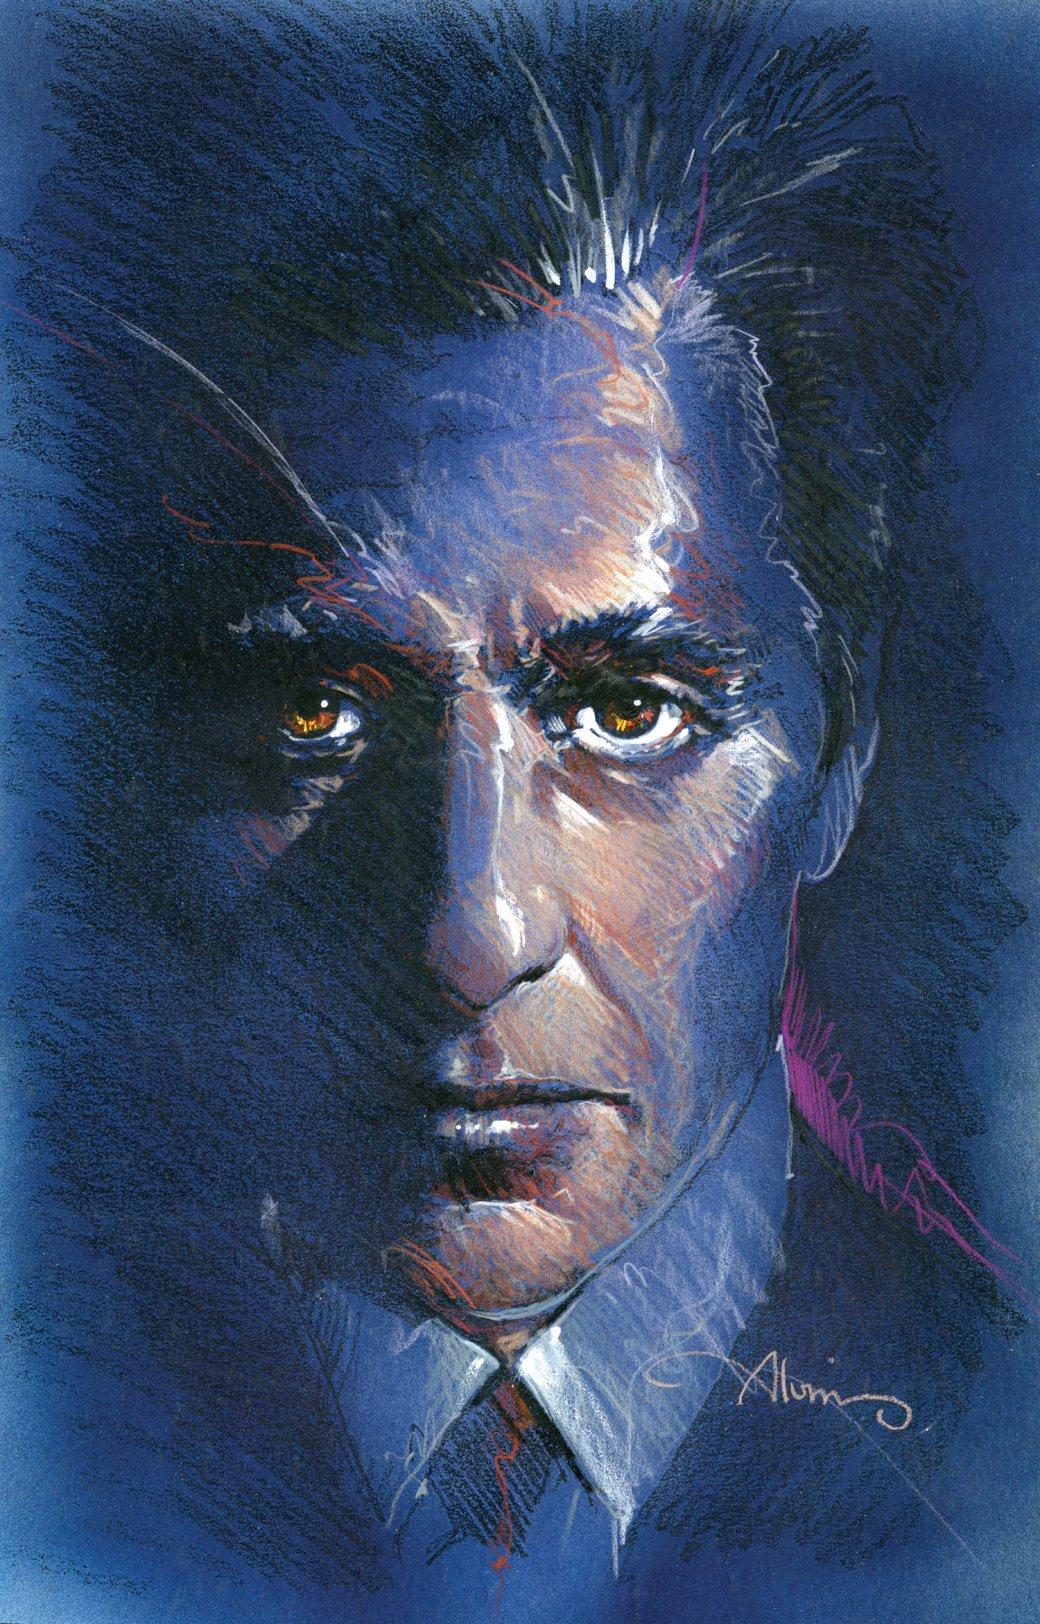 Неопубликованные постеры Джона Элвина | Канобу - Изображение 11114